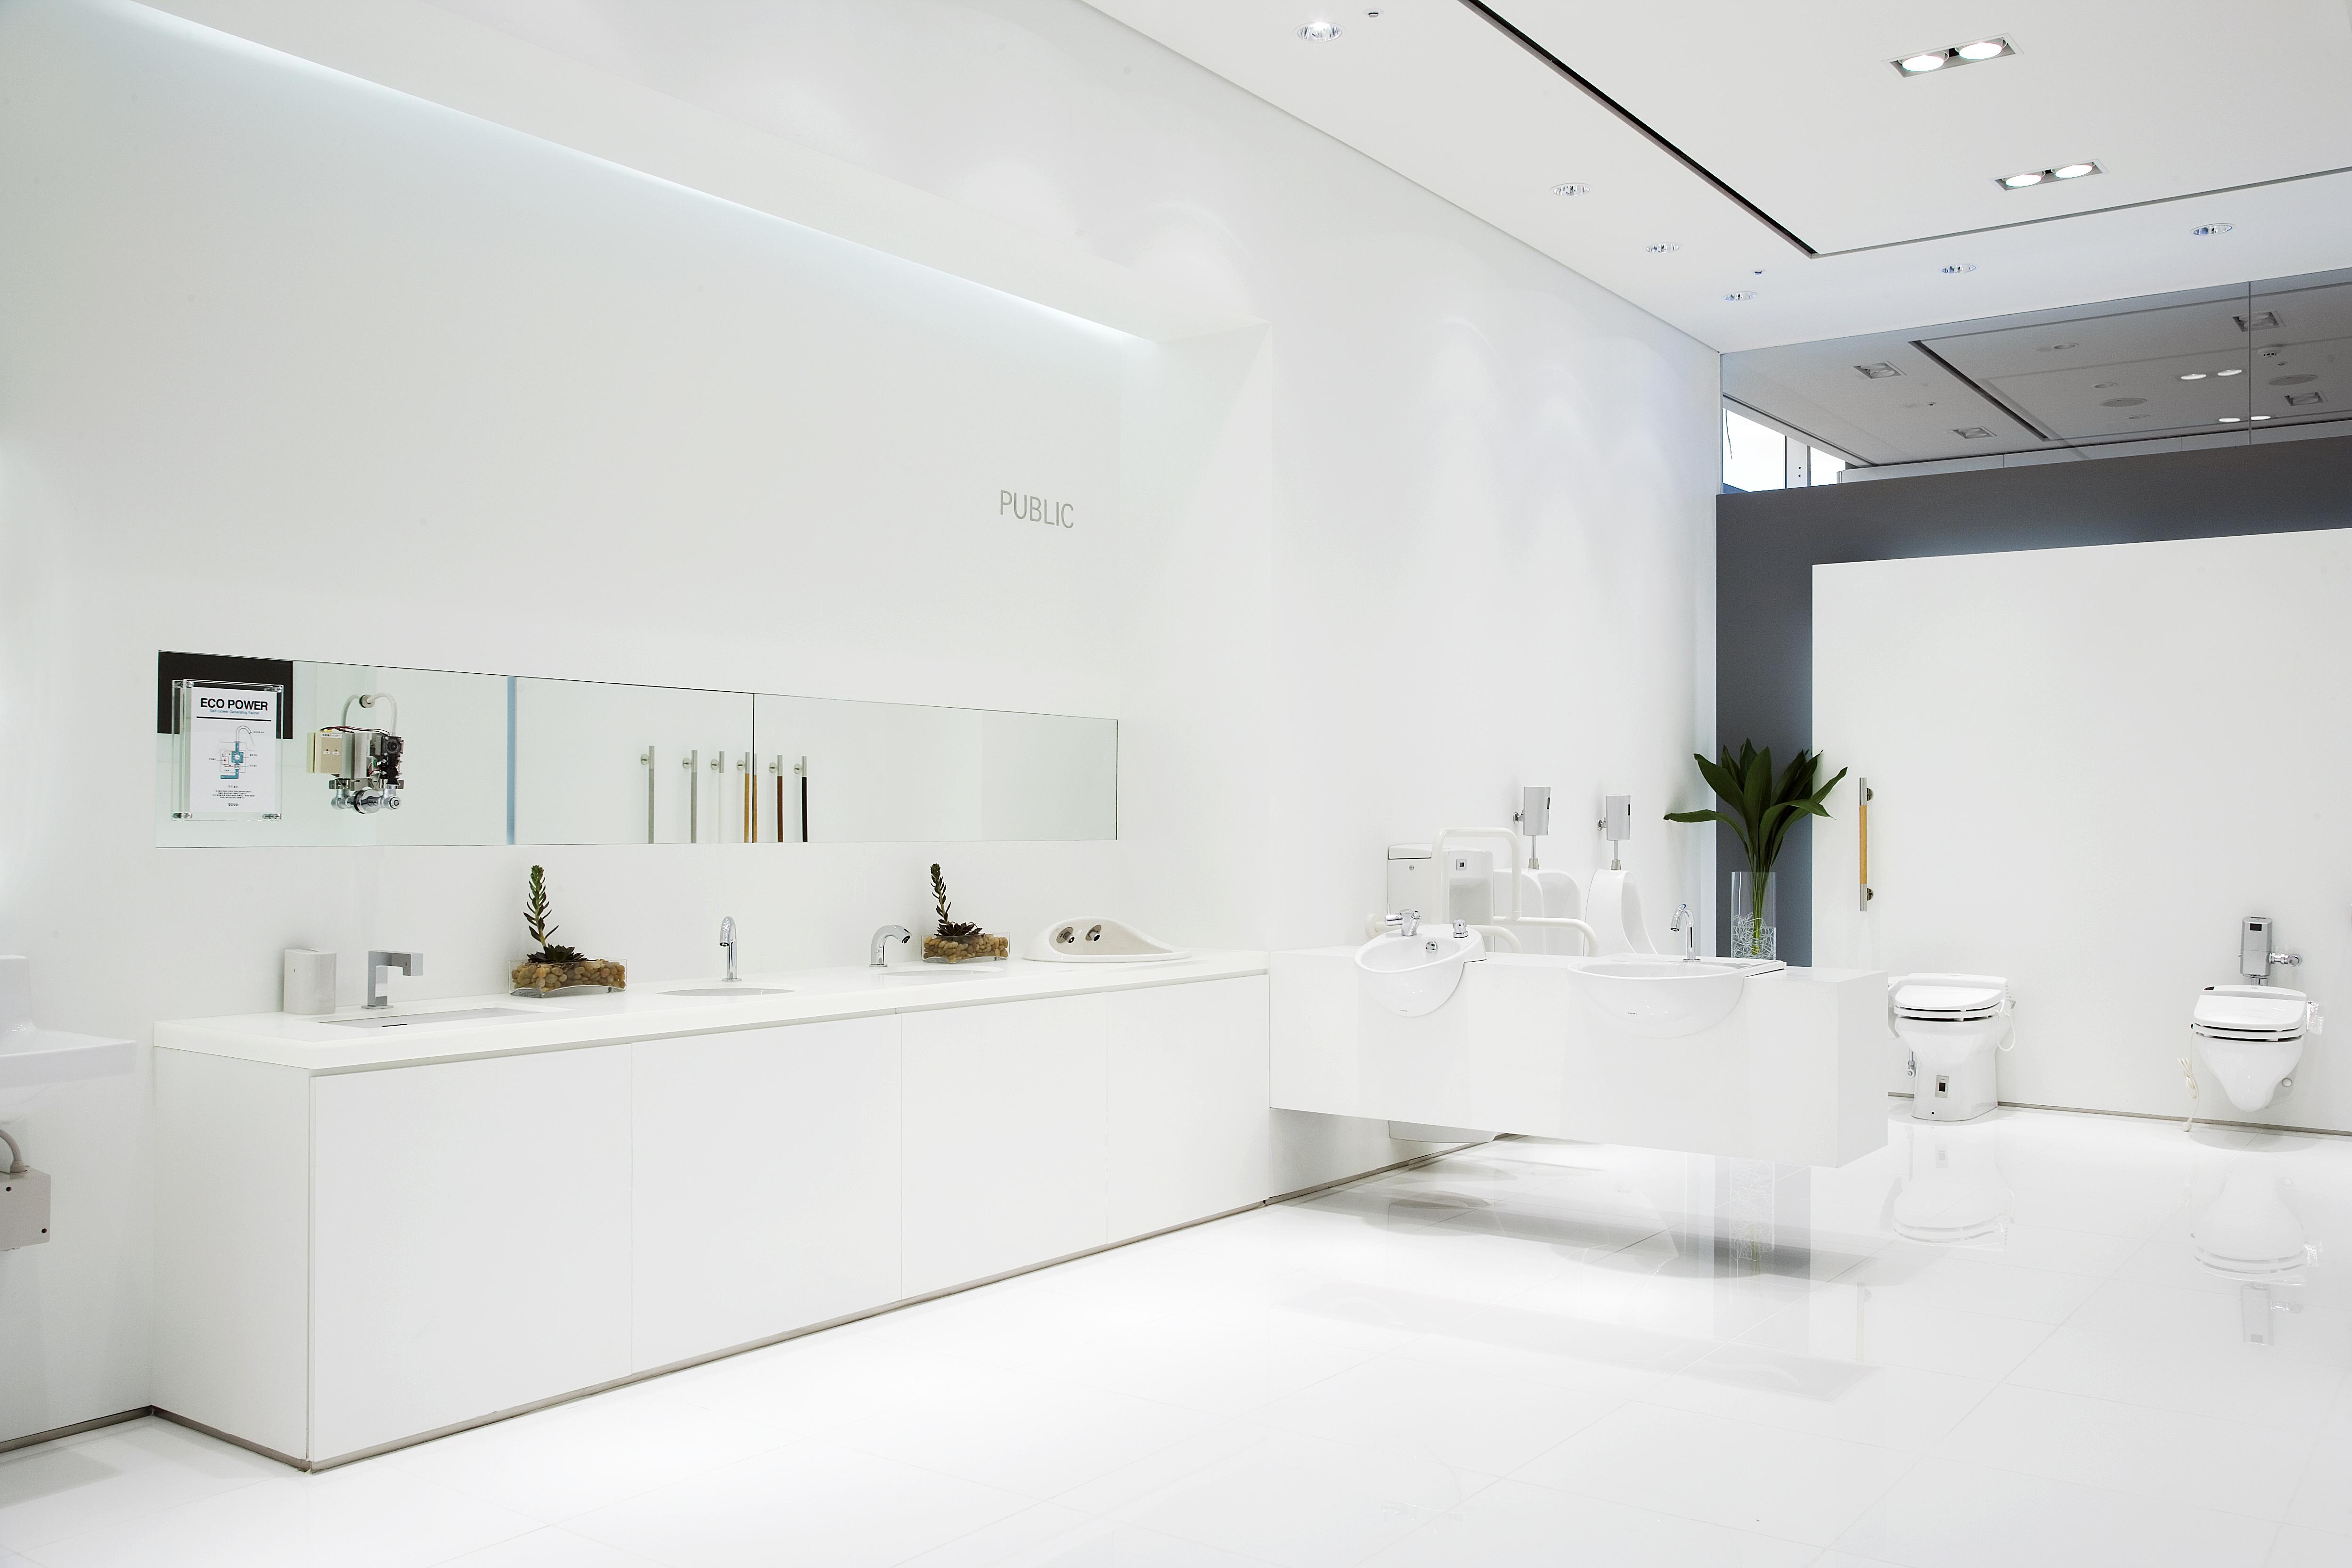 TOTO 서울쇼룸 'TOTO 서울쇼룸'은 TOTO의 최정상 욕실 문화를 체험하실 수 있는 메이커 쇼룸입니다.  실제 욕실 공간을 재현한 전시와 차별화된 고객체험, 첨단 기술과 최고의 디자인이 함께하는 복합문화공간인 TOTO 서울 쇼룸은 '꿈'과 '휴식'의 또 다른 이름입니다.